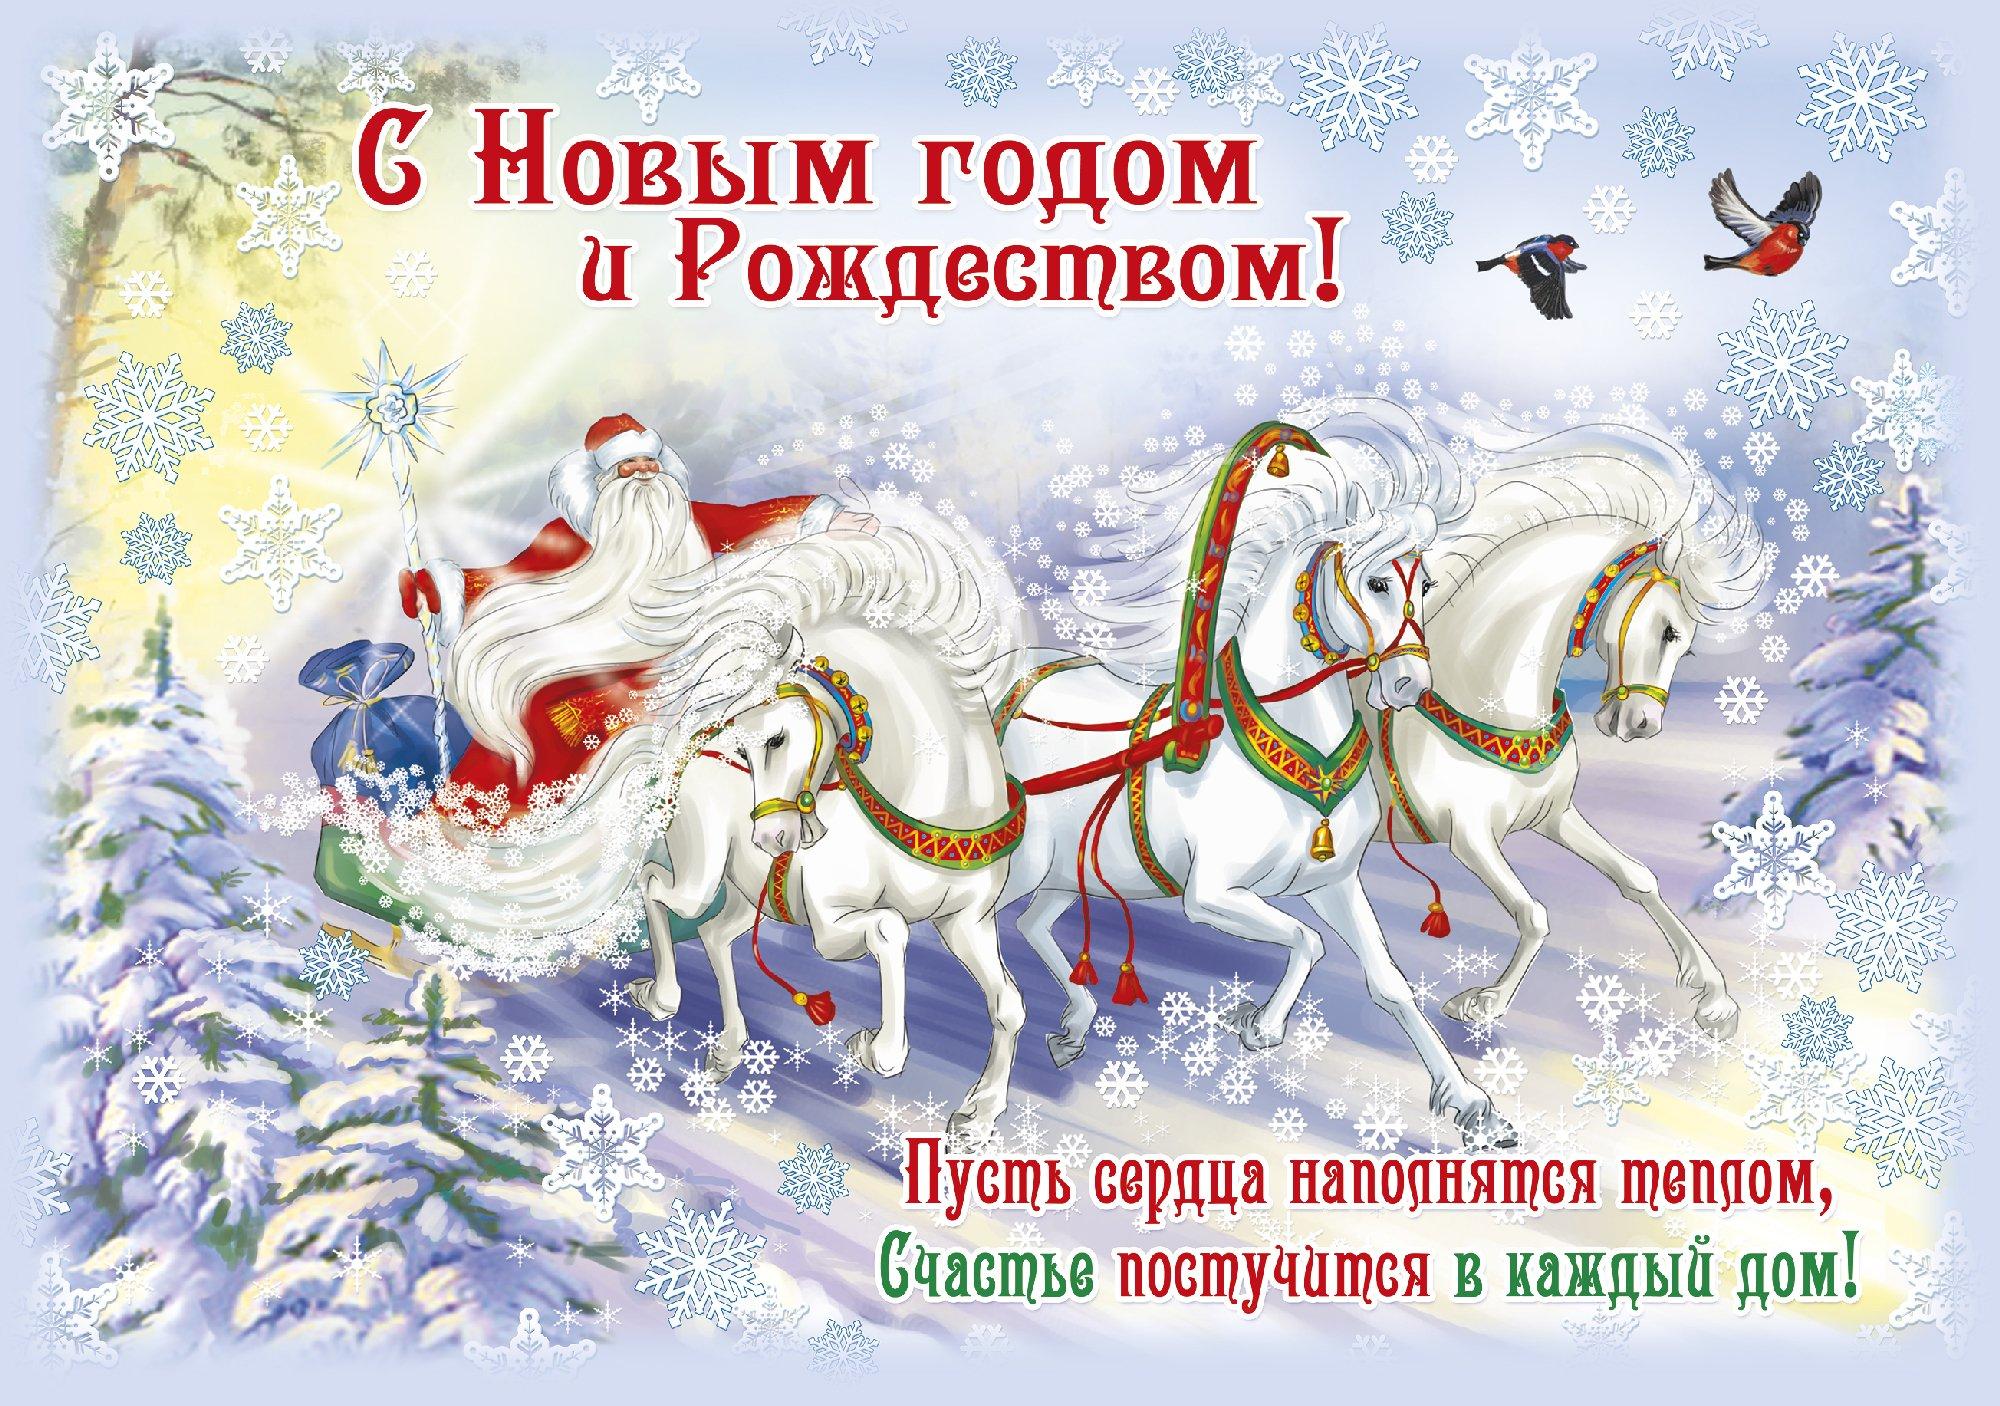 Песни картинки, открытка с пожеланием с новым годом и рождеством